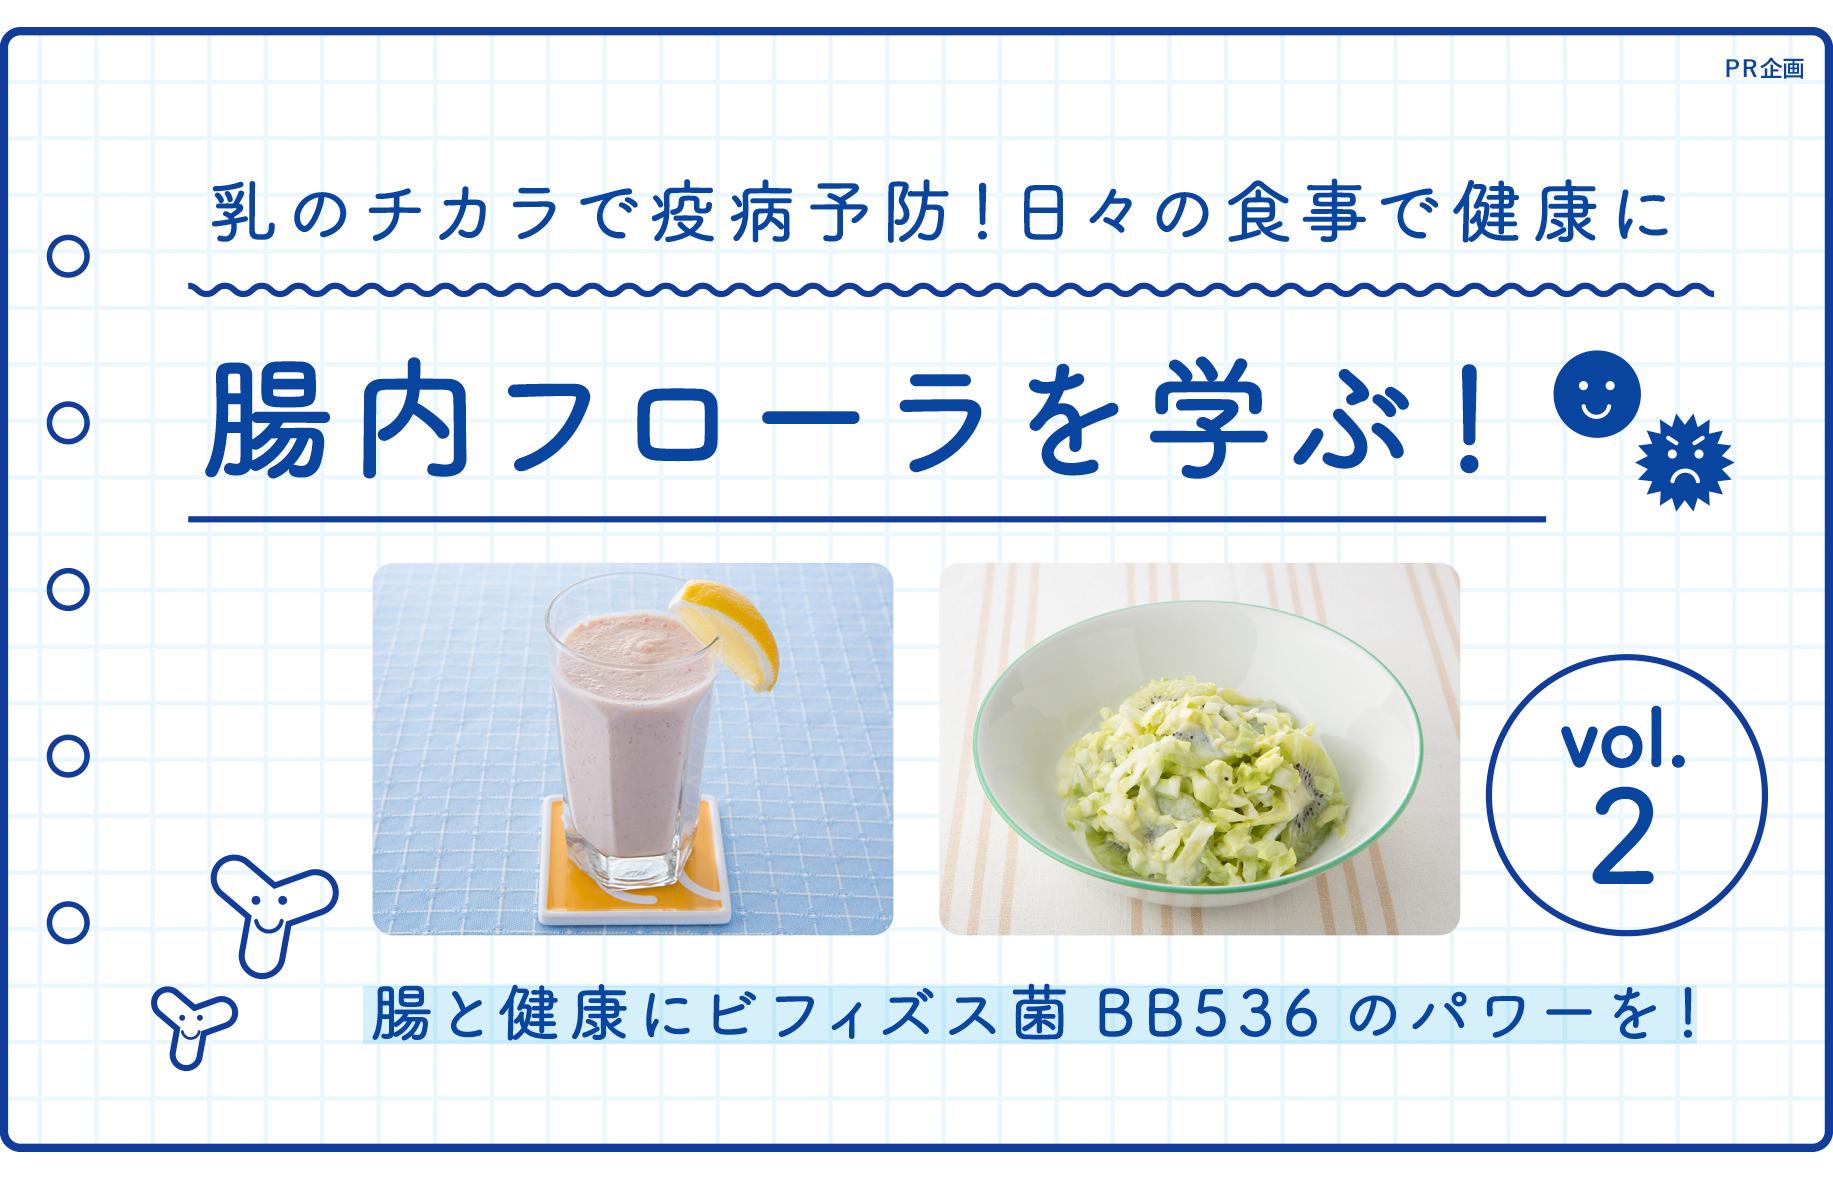 乳のチカラで疫病予防!日々の食事で健康に 腸内フローラを学ぶ! vol.2 腸と健康にビフィズス菌B B 5 3 6 のパワーを!